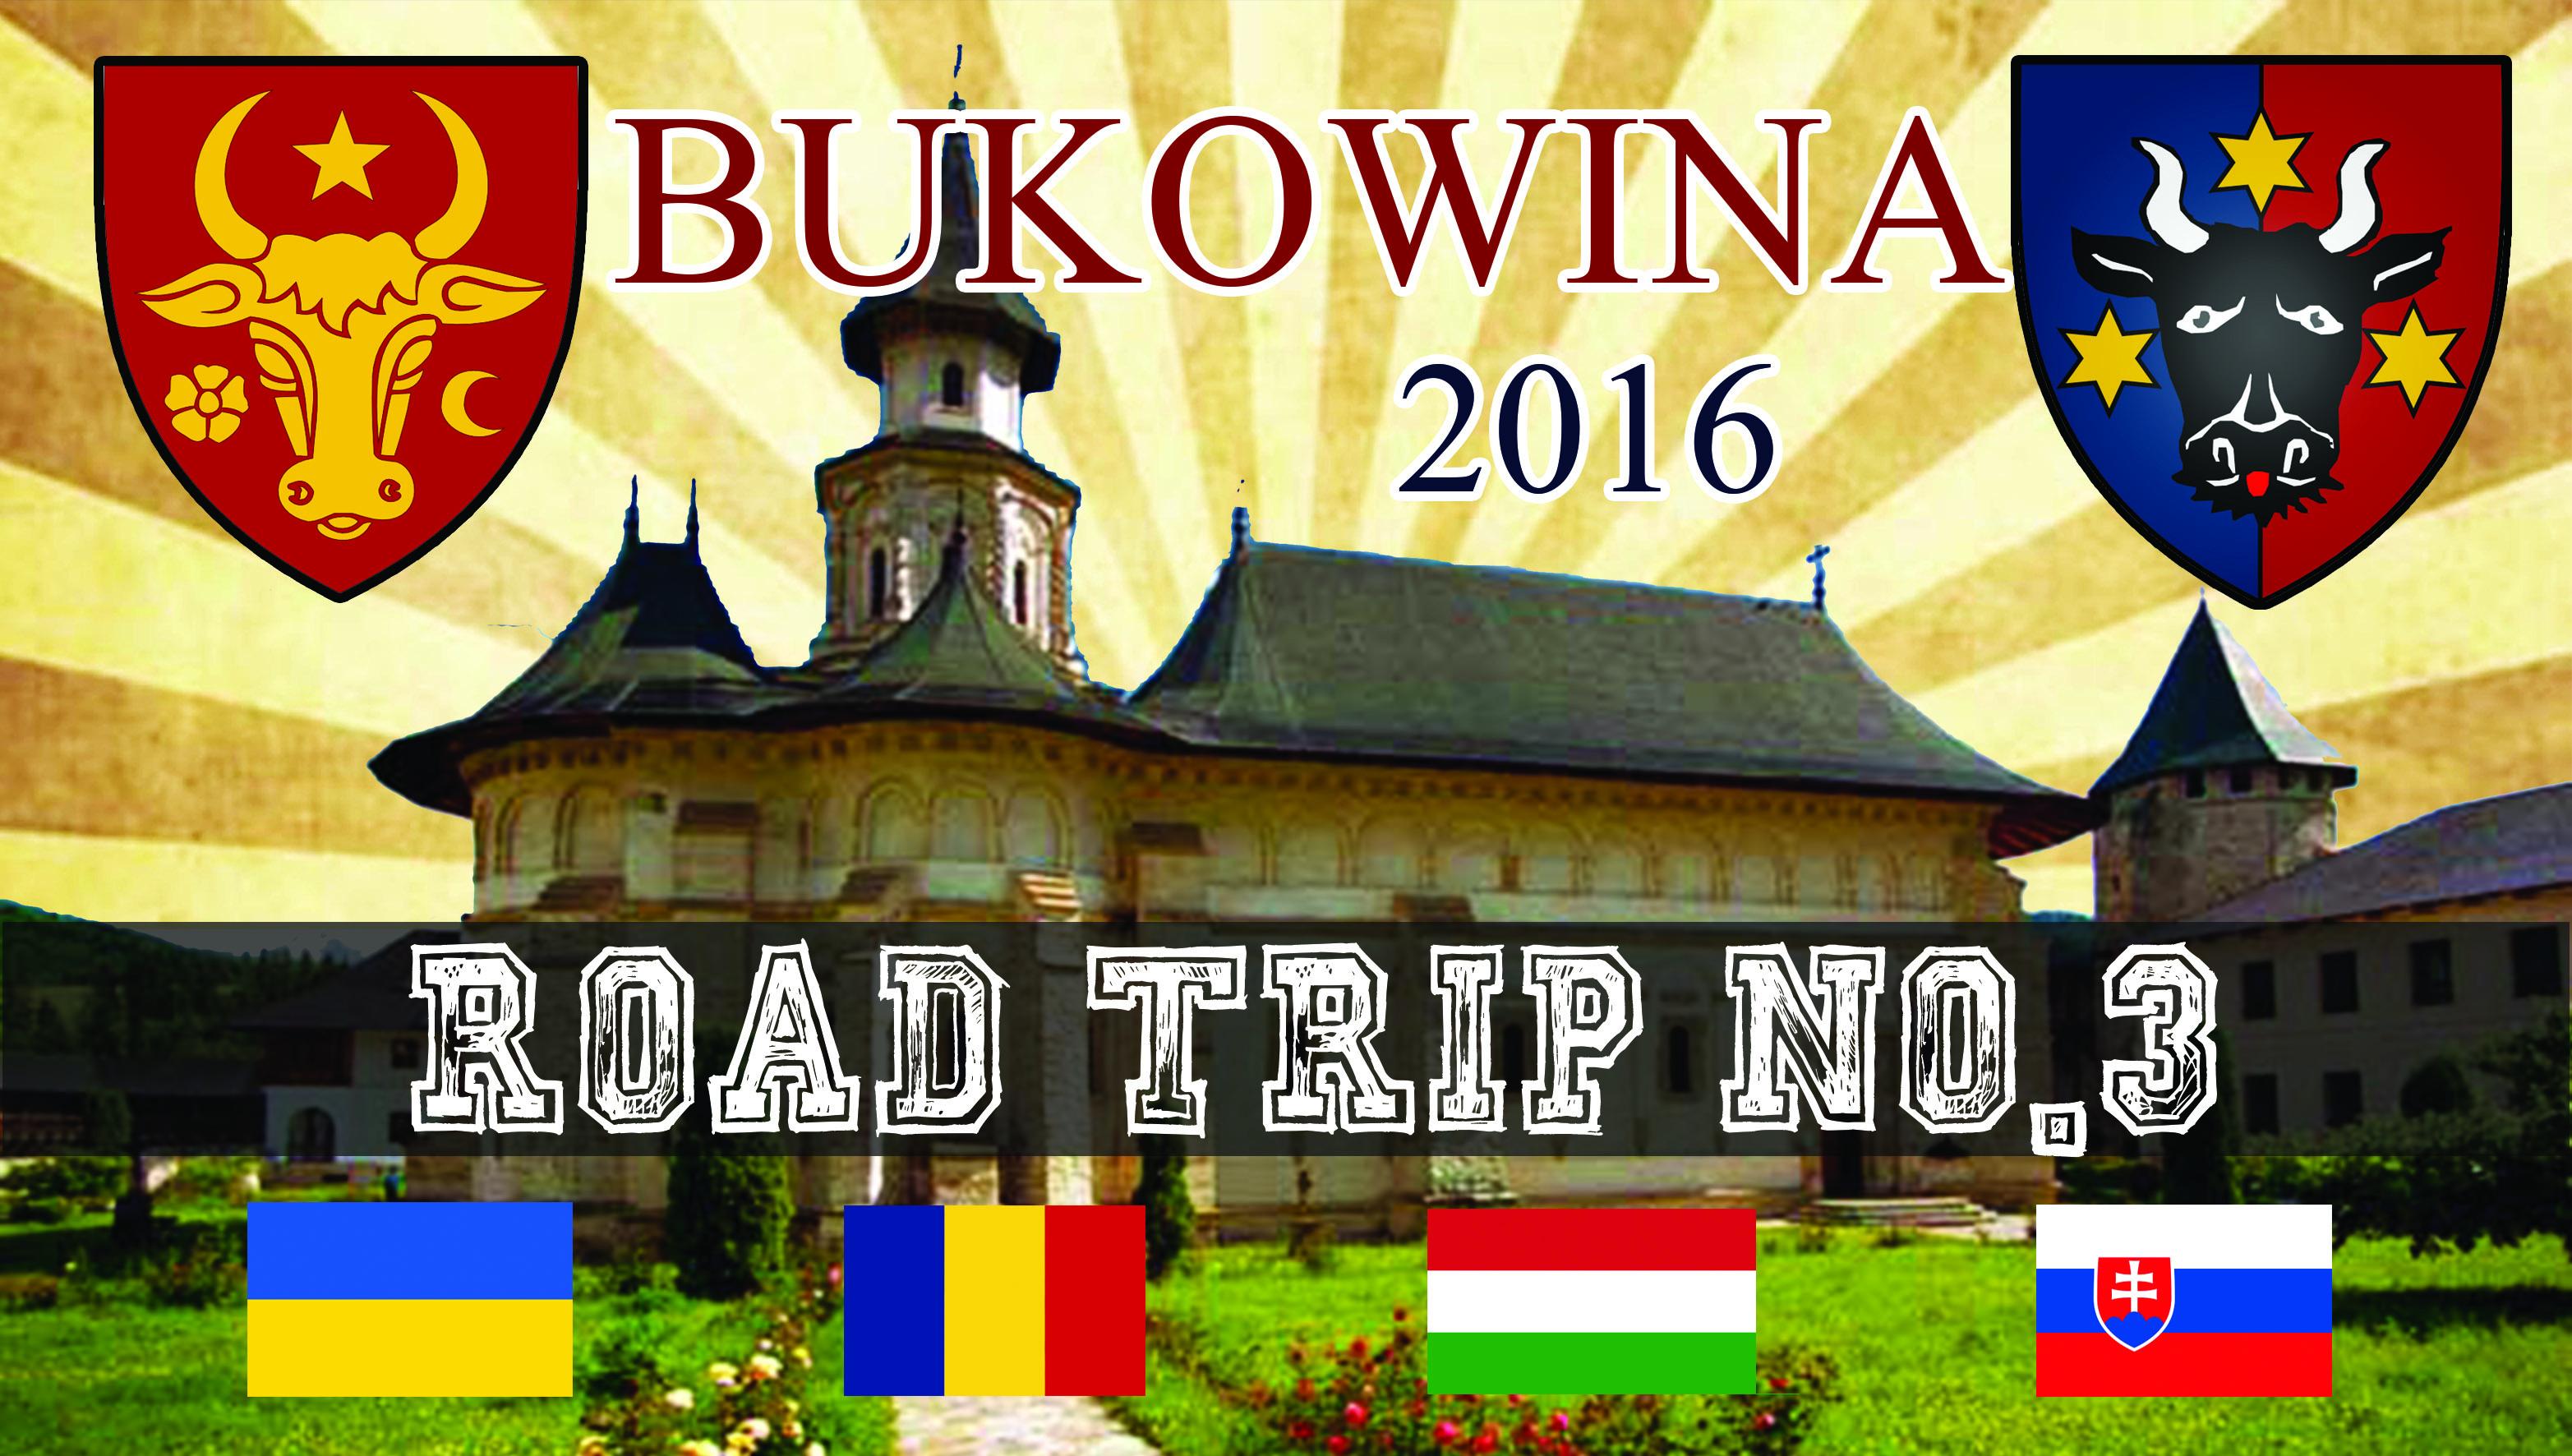 Bukowina RoadTrip 2016